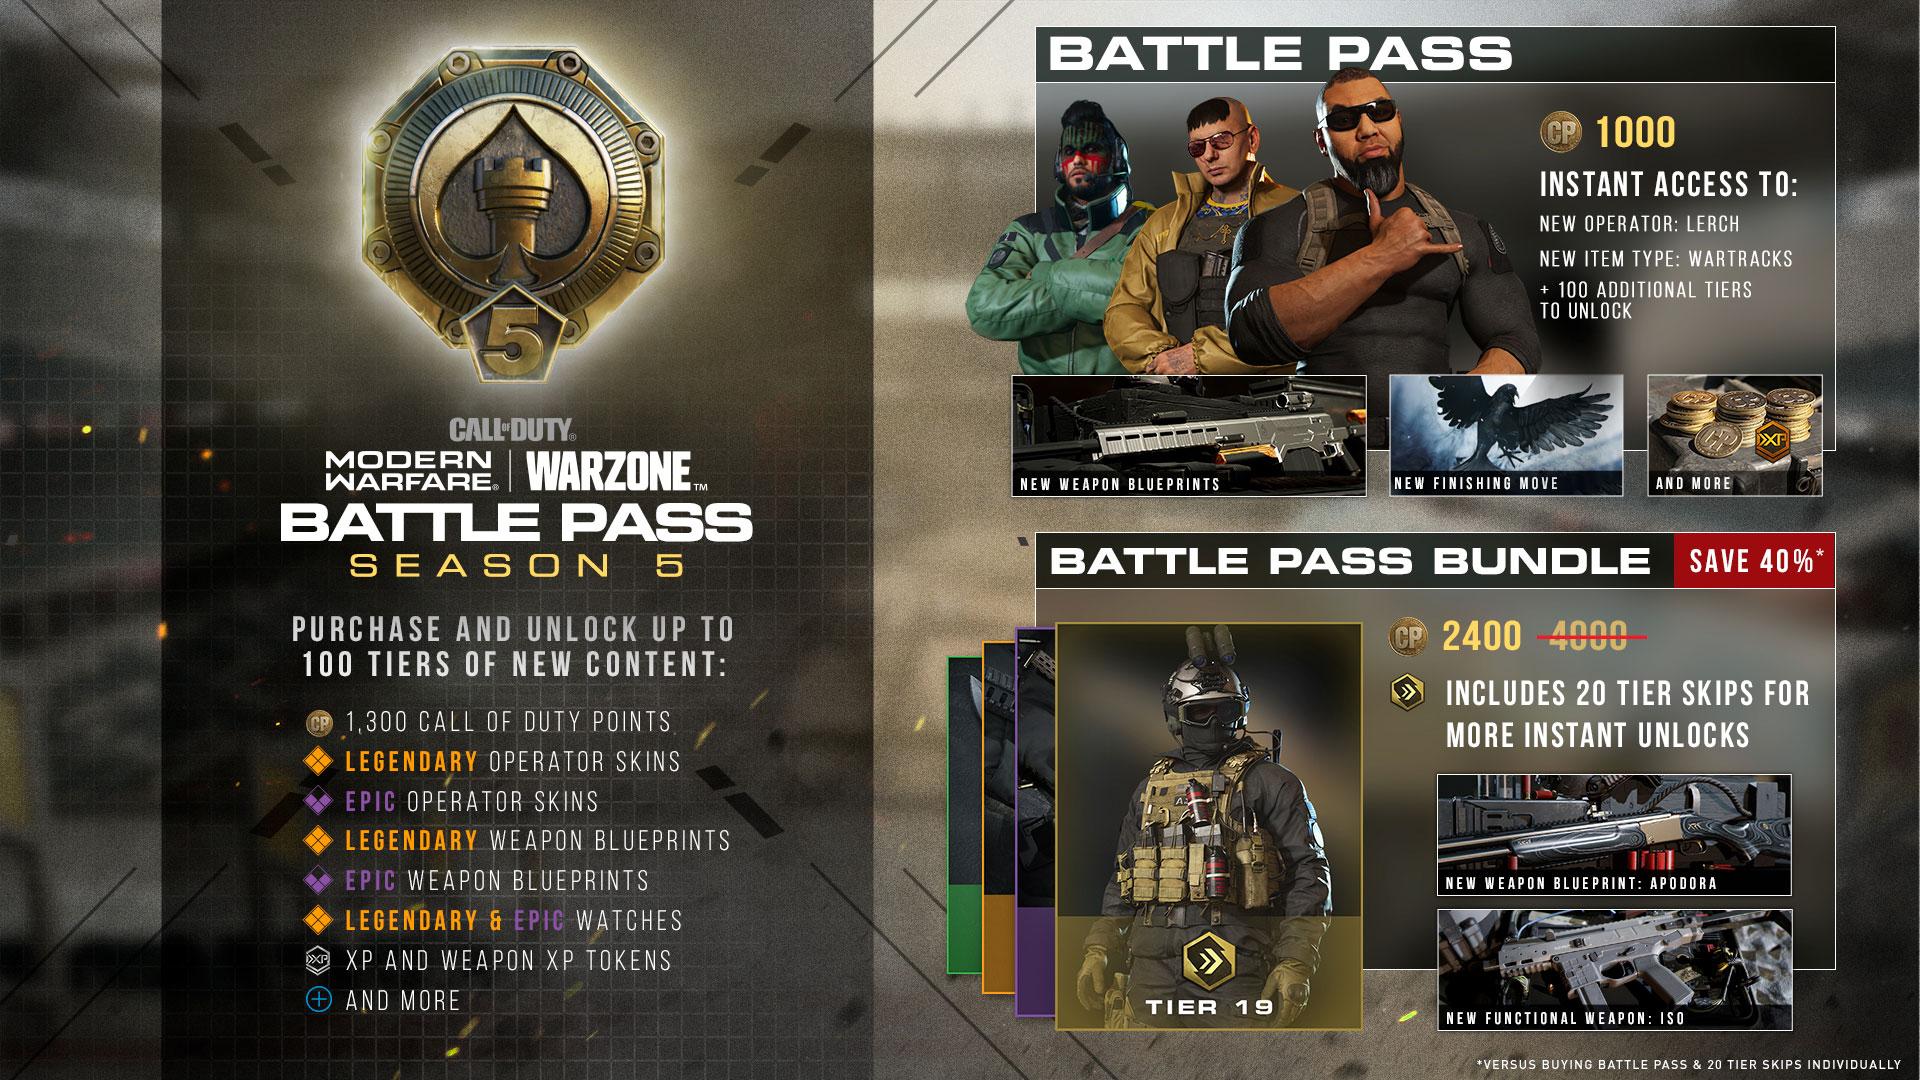 Get the Battle Pass